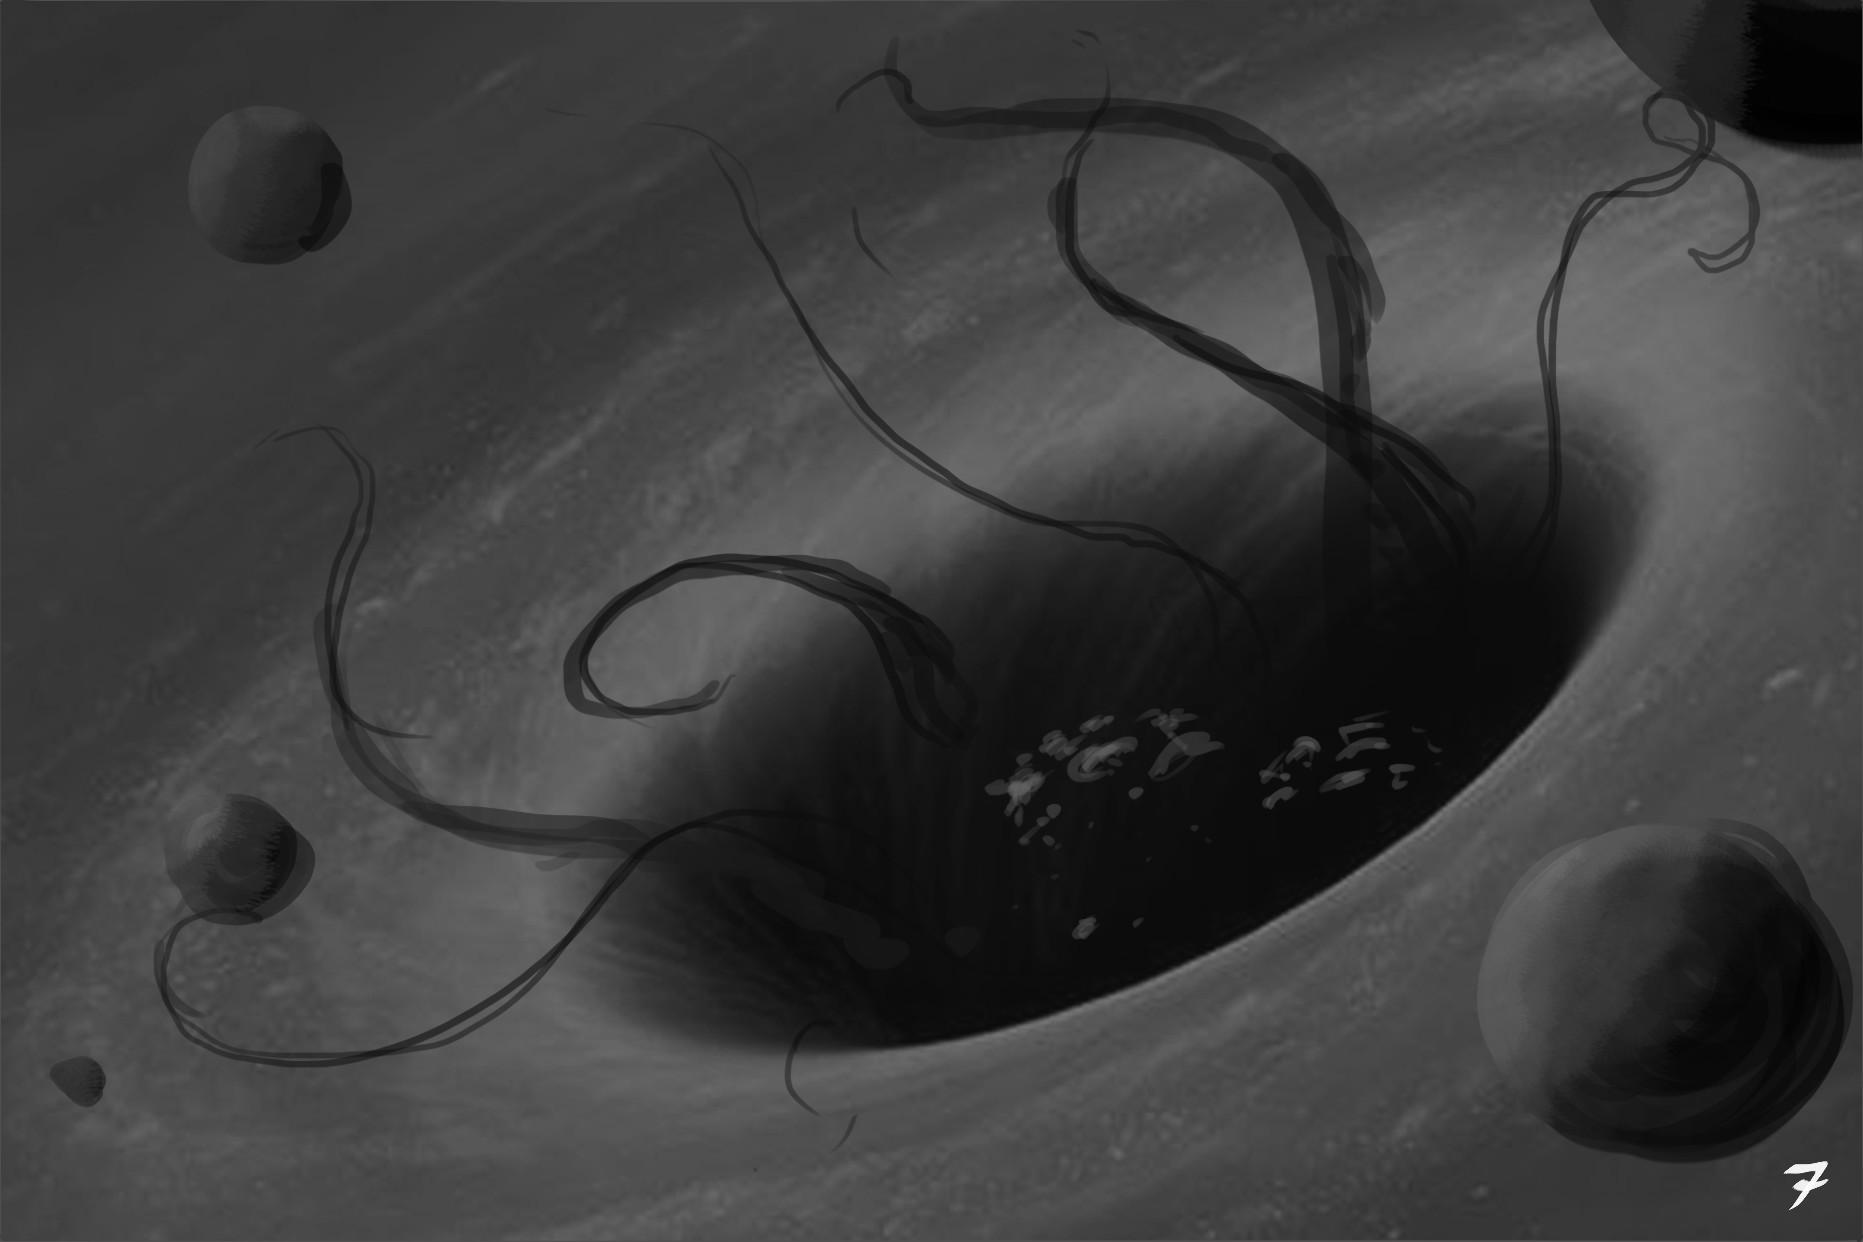 Exploration sketch